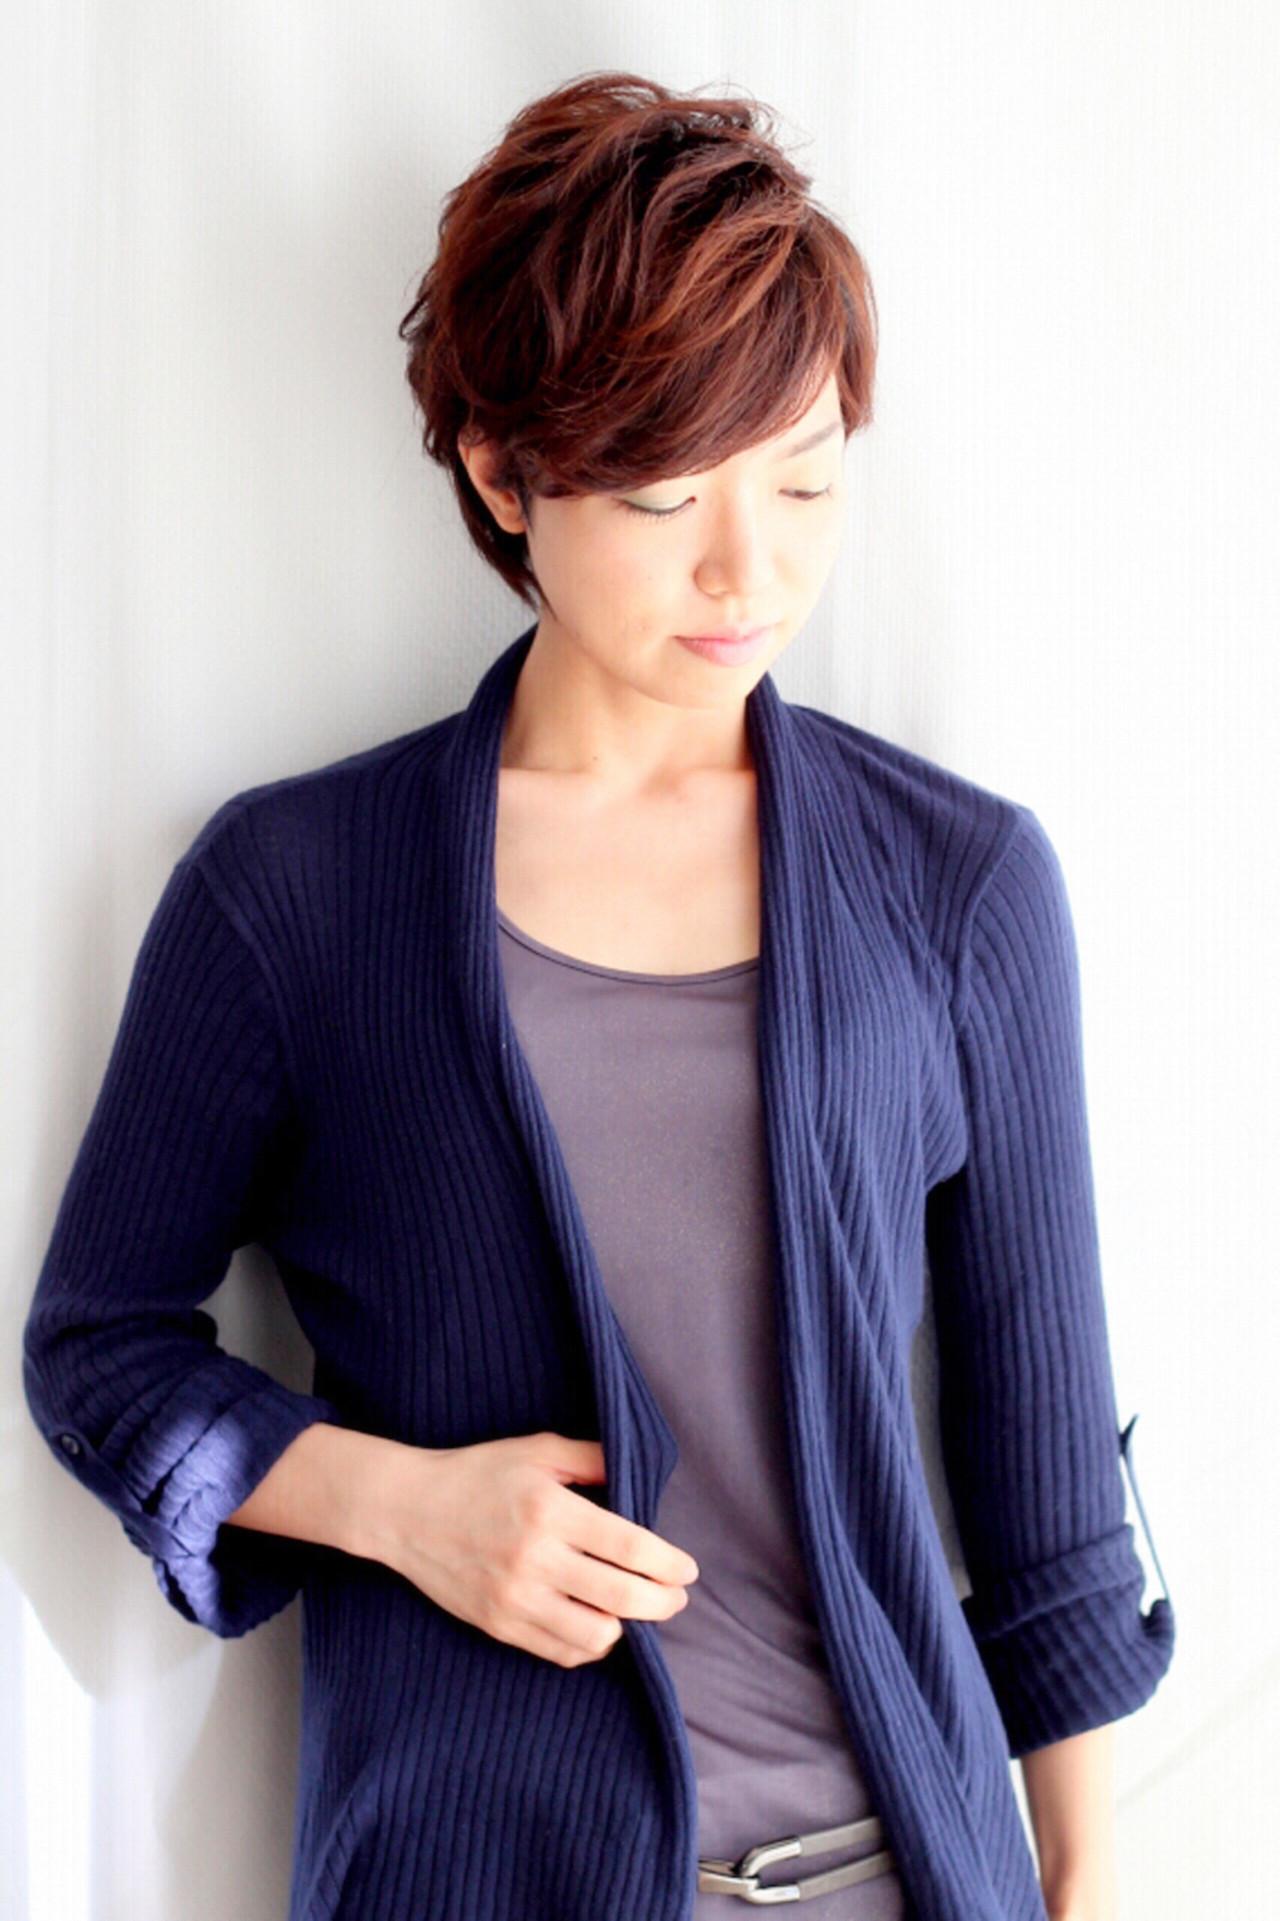 大人の艶やかさを引き出す吉瀬美智子さん風スタイル 村上 貴徳 STELLA